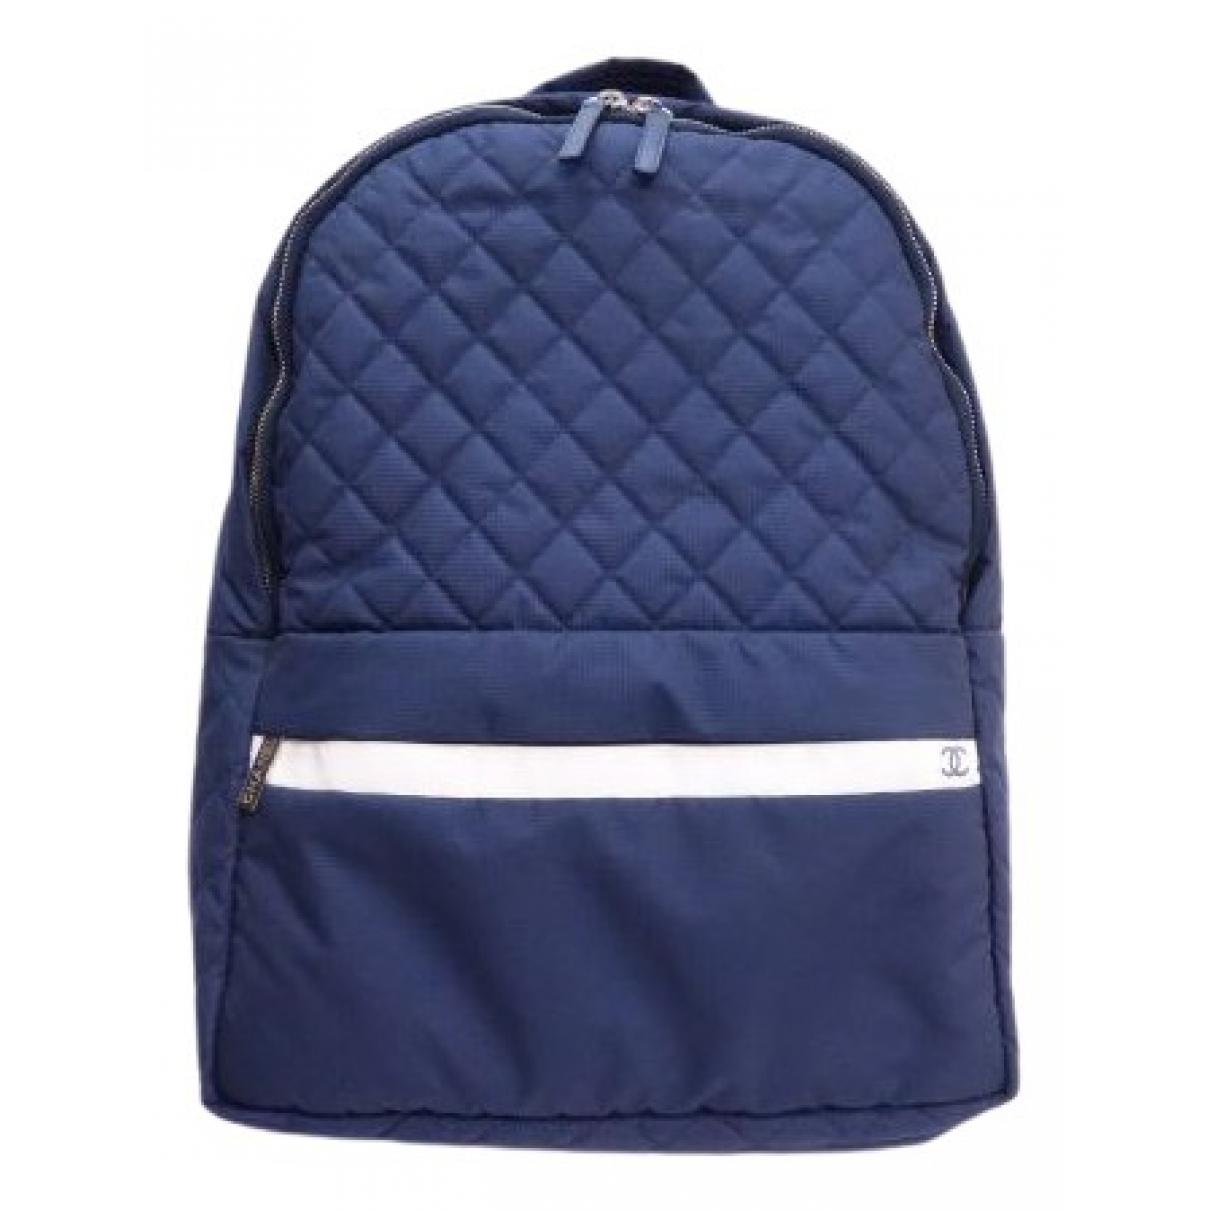 Chanel - Sac a dos   pour femme - bleu